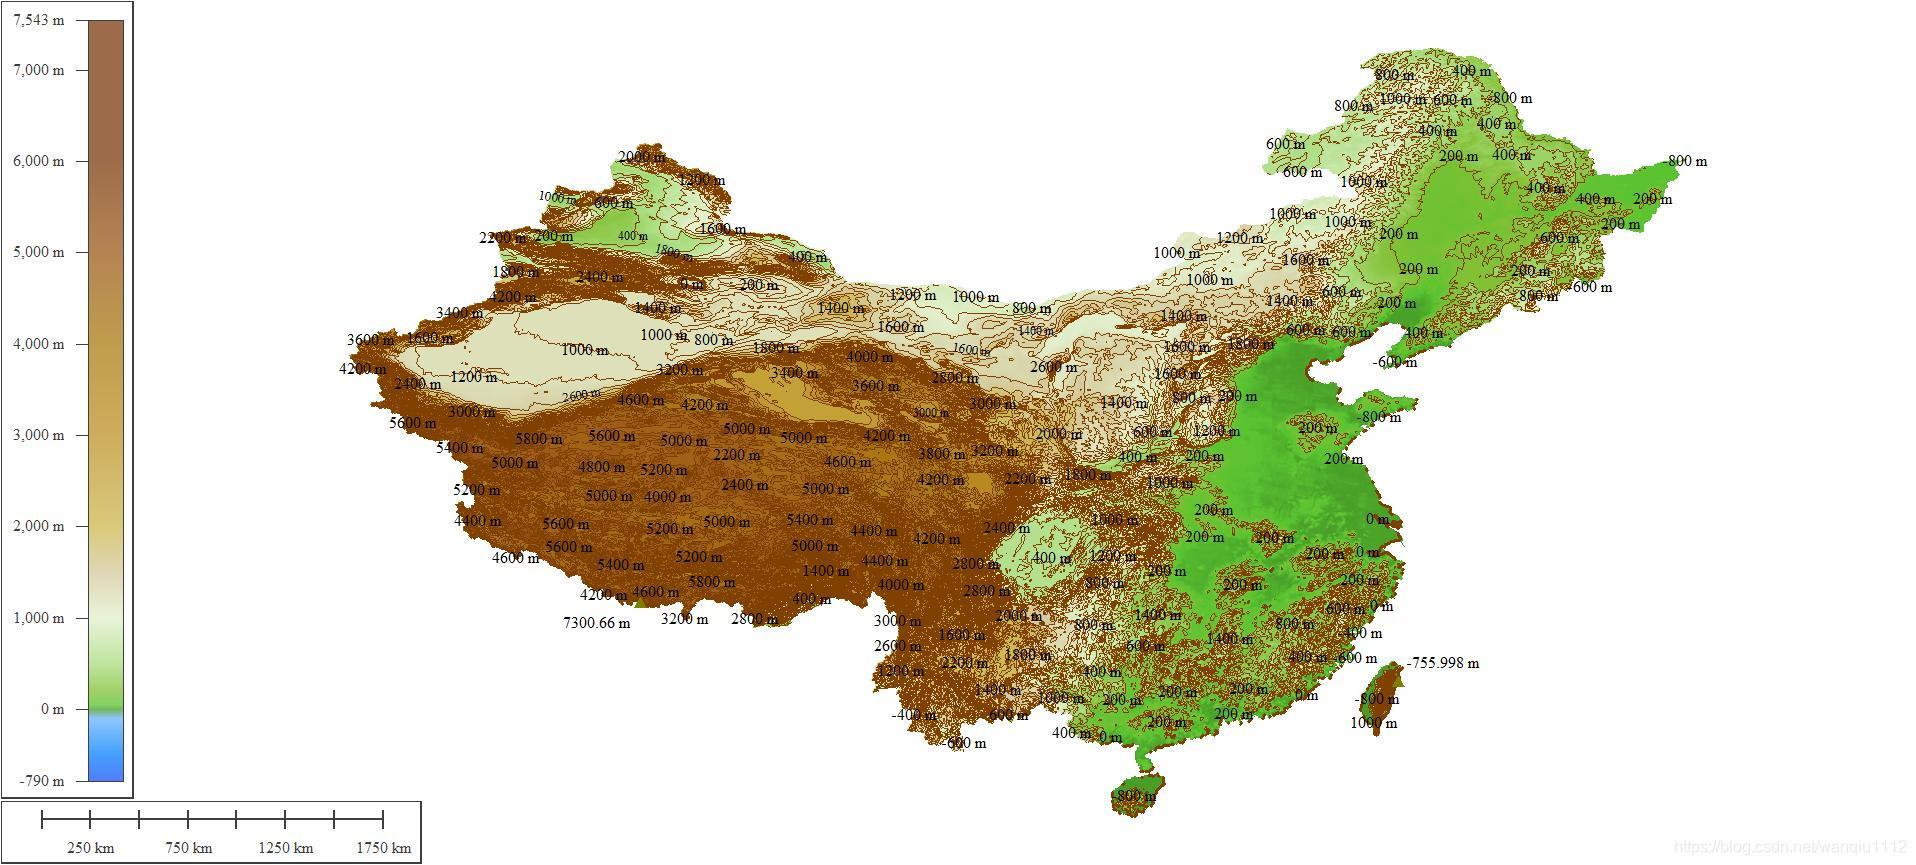 中国等高线地形图